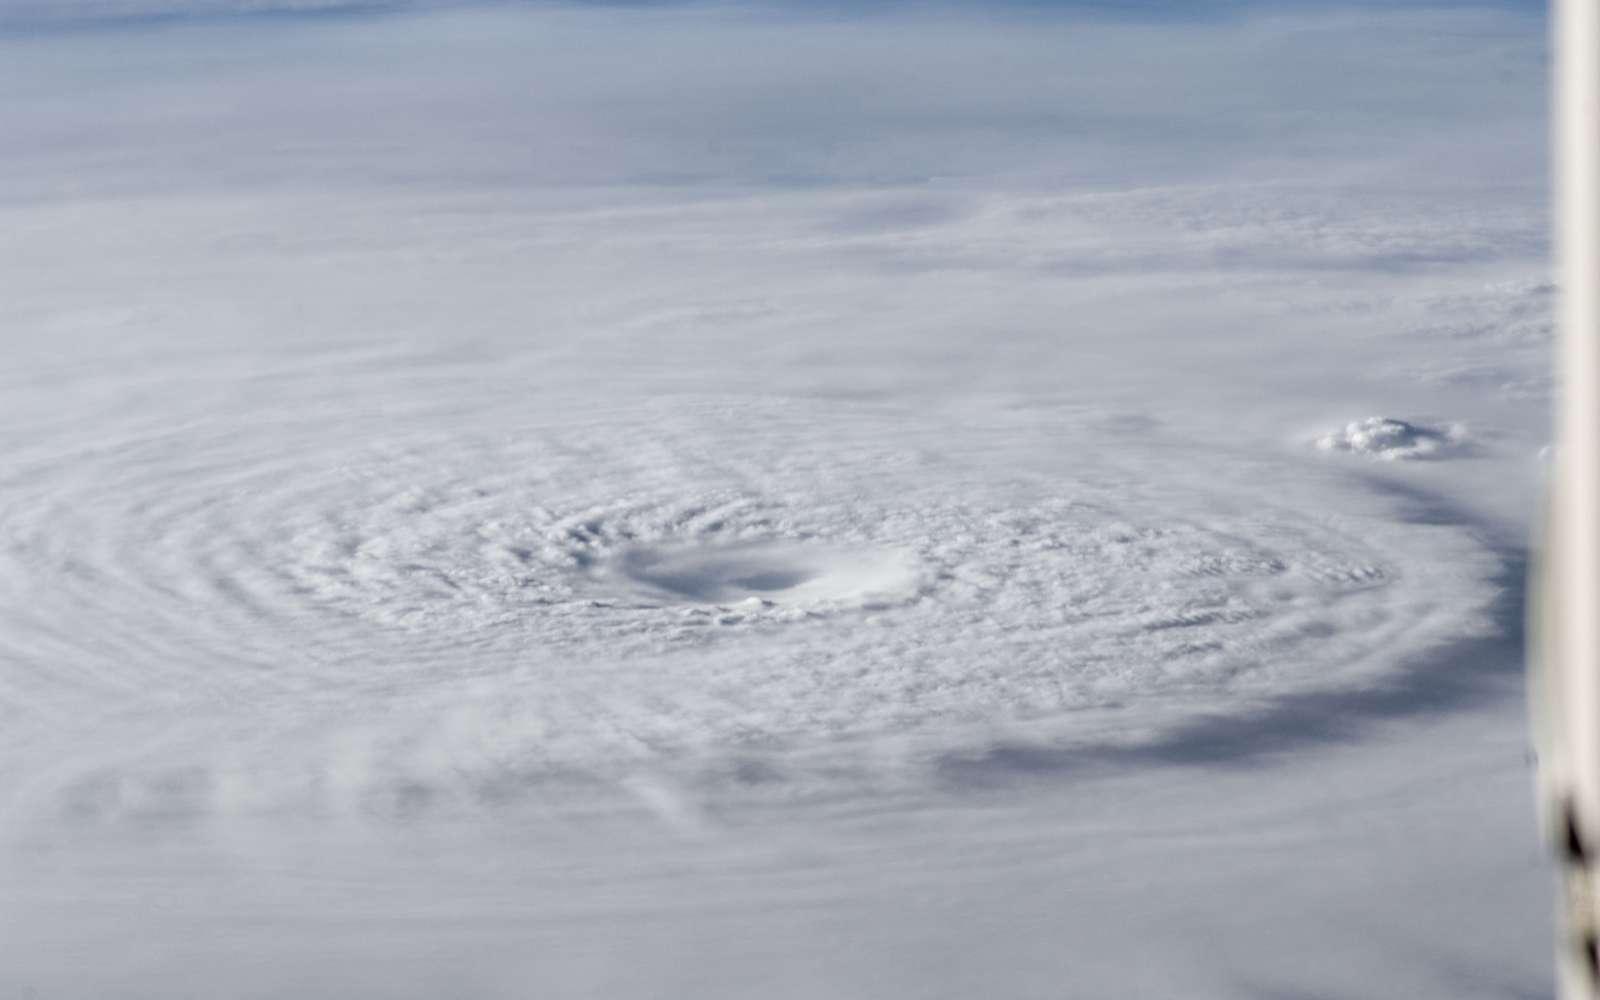 Un membre de l'équipage de la Station spatiale internationale a pris cette image du supertyphon Bopha le 2 décembre 2012. L'ouragan se dirige sur les Philippines avec des vents de 220 km/h. © Nasa, Goddard Space Flight Center